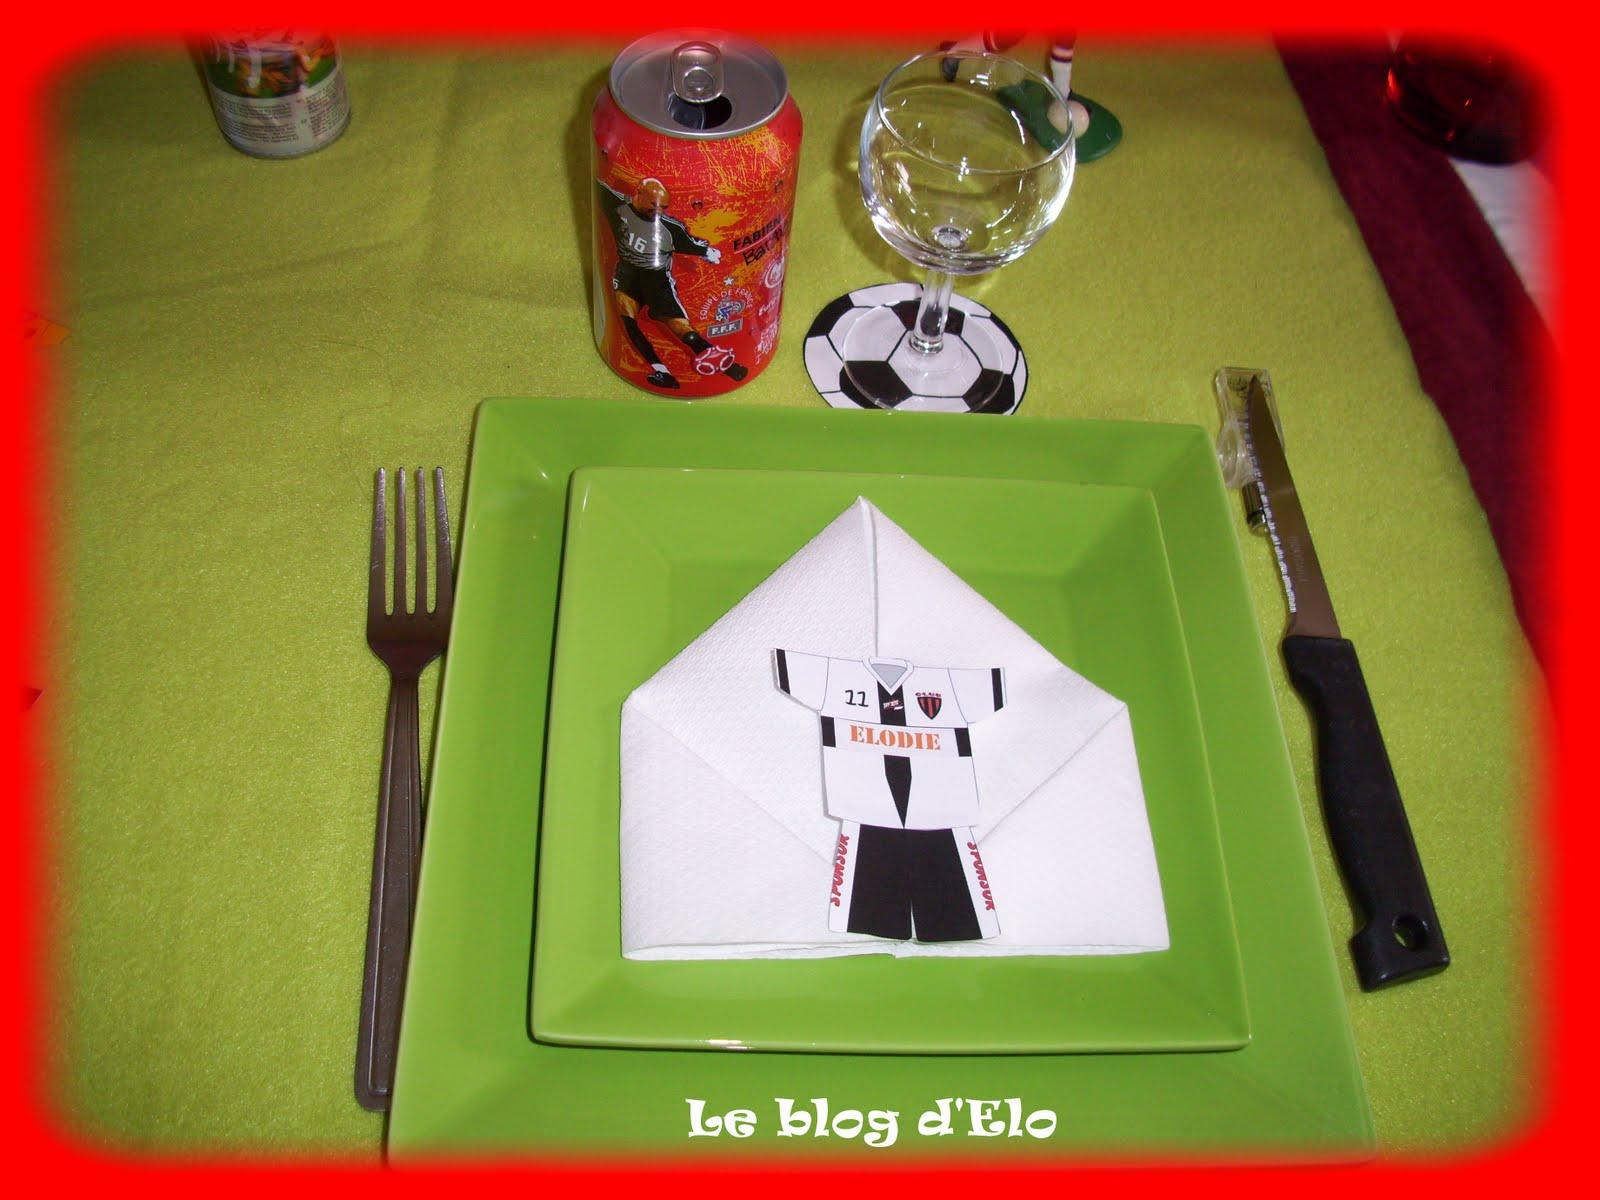 décoration de table sur le foot #2